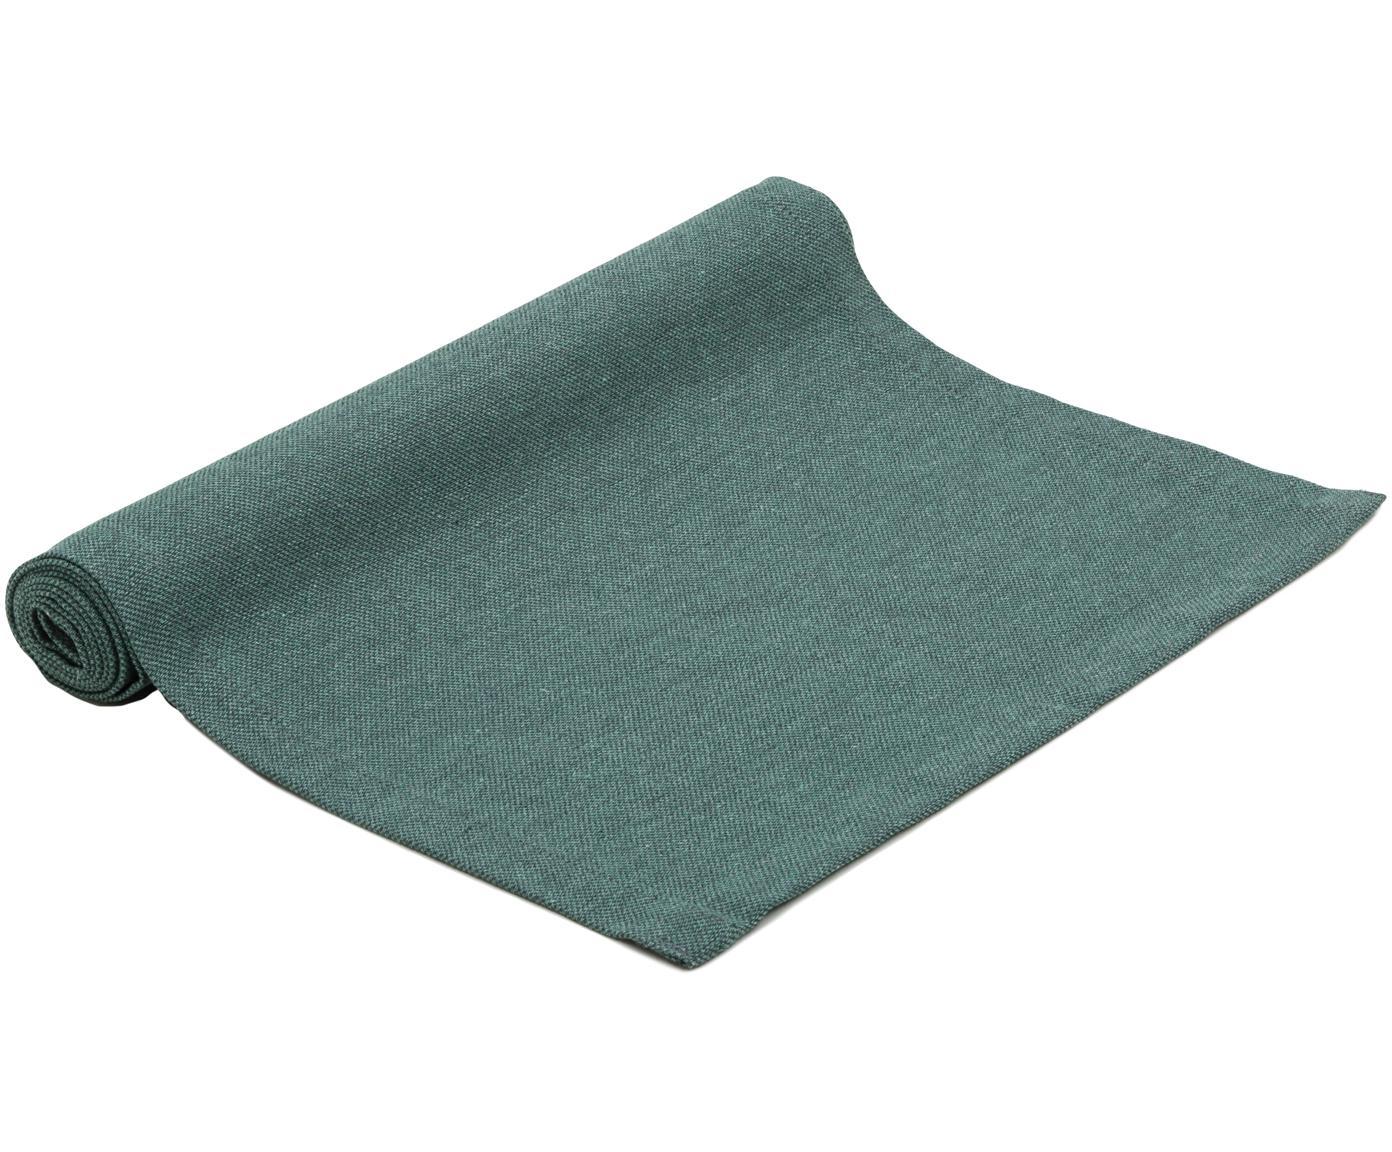 Tischläufer Riva, 55%Baumwolle, 45%Polyester, Petrol, 40 x 150 cm